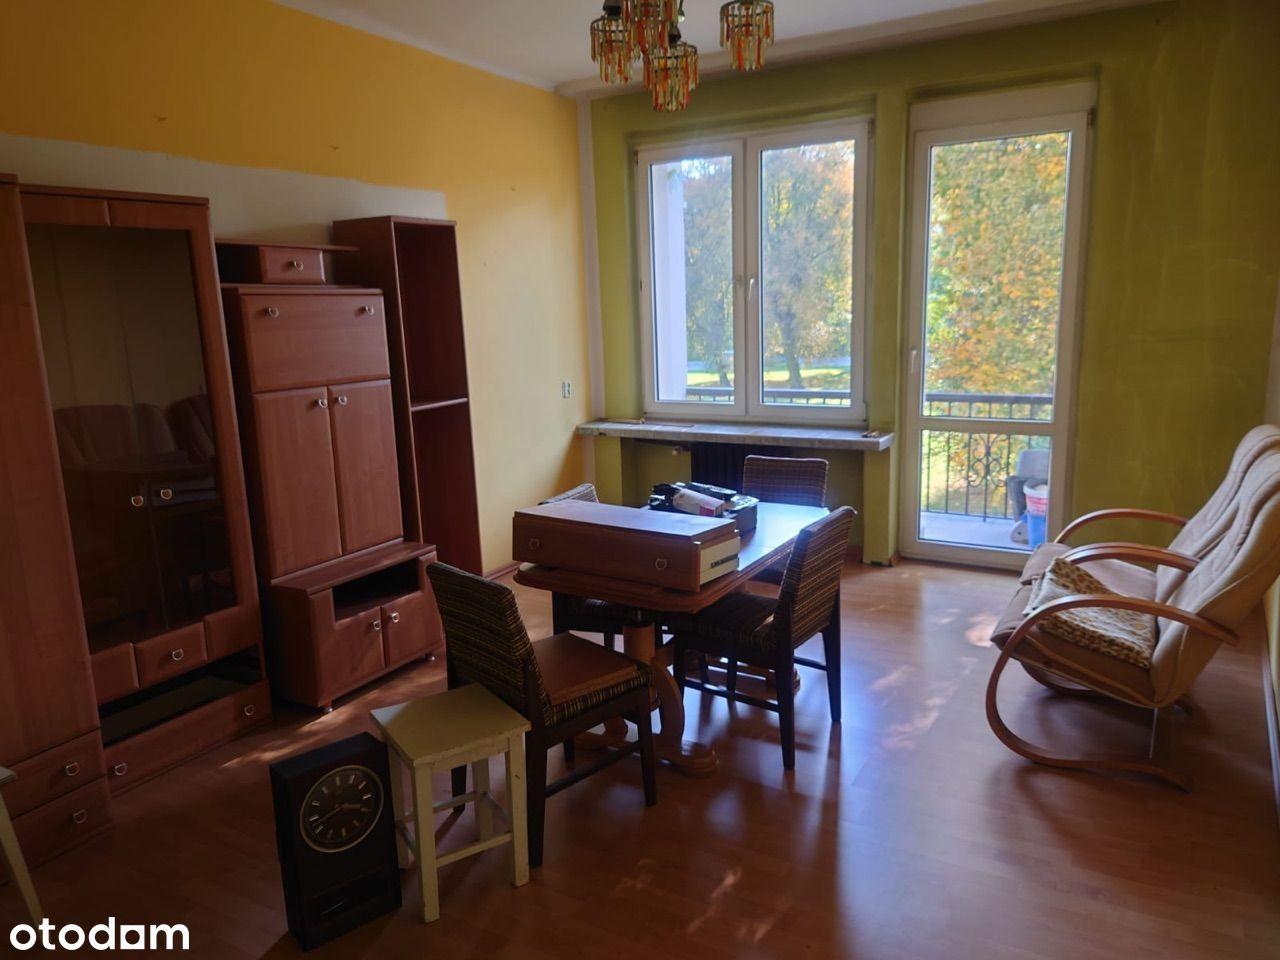 Mieszkanie do częściowego remontu po wymianie inst